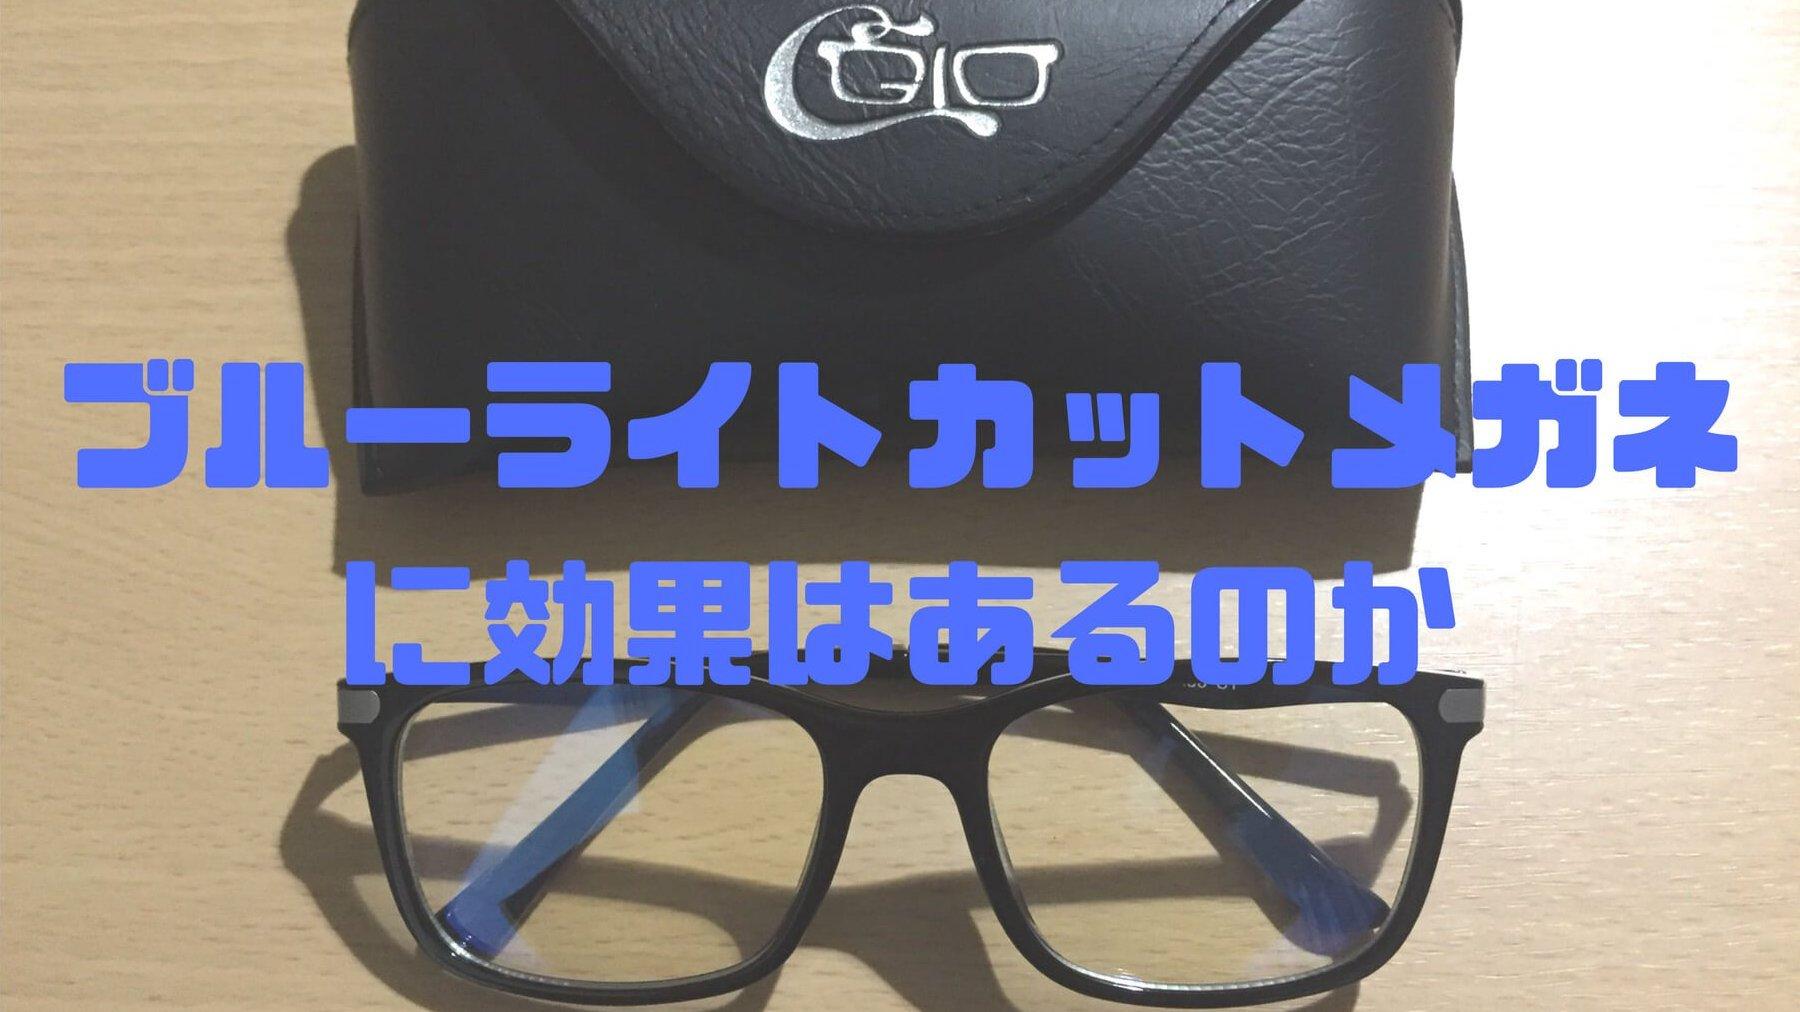 アマゾンの安いブルーライトカットメガネに効果はあるのかレビュー【CGID C46 TR90】